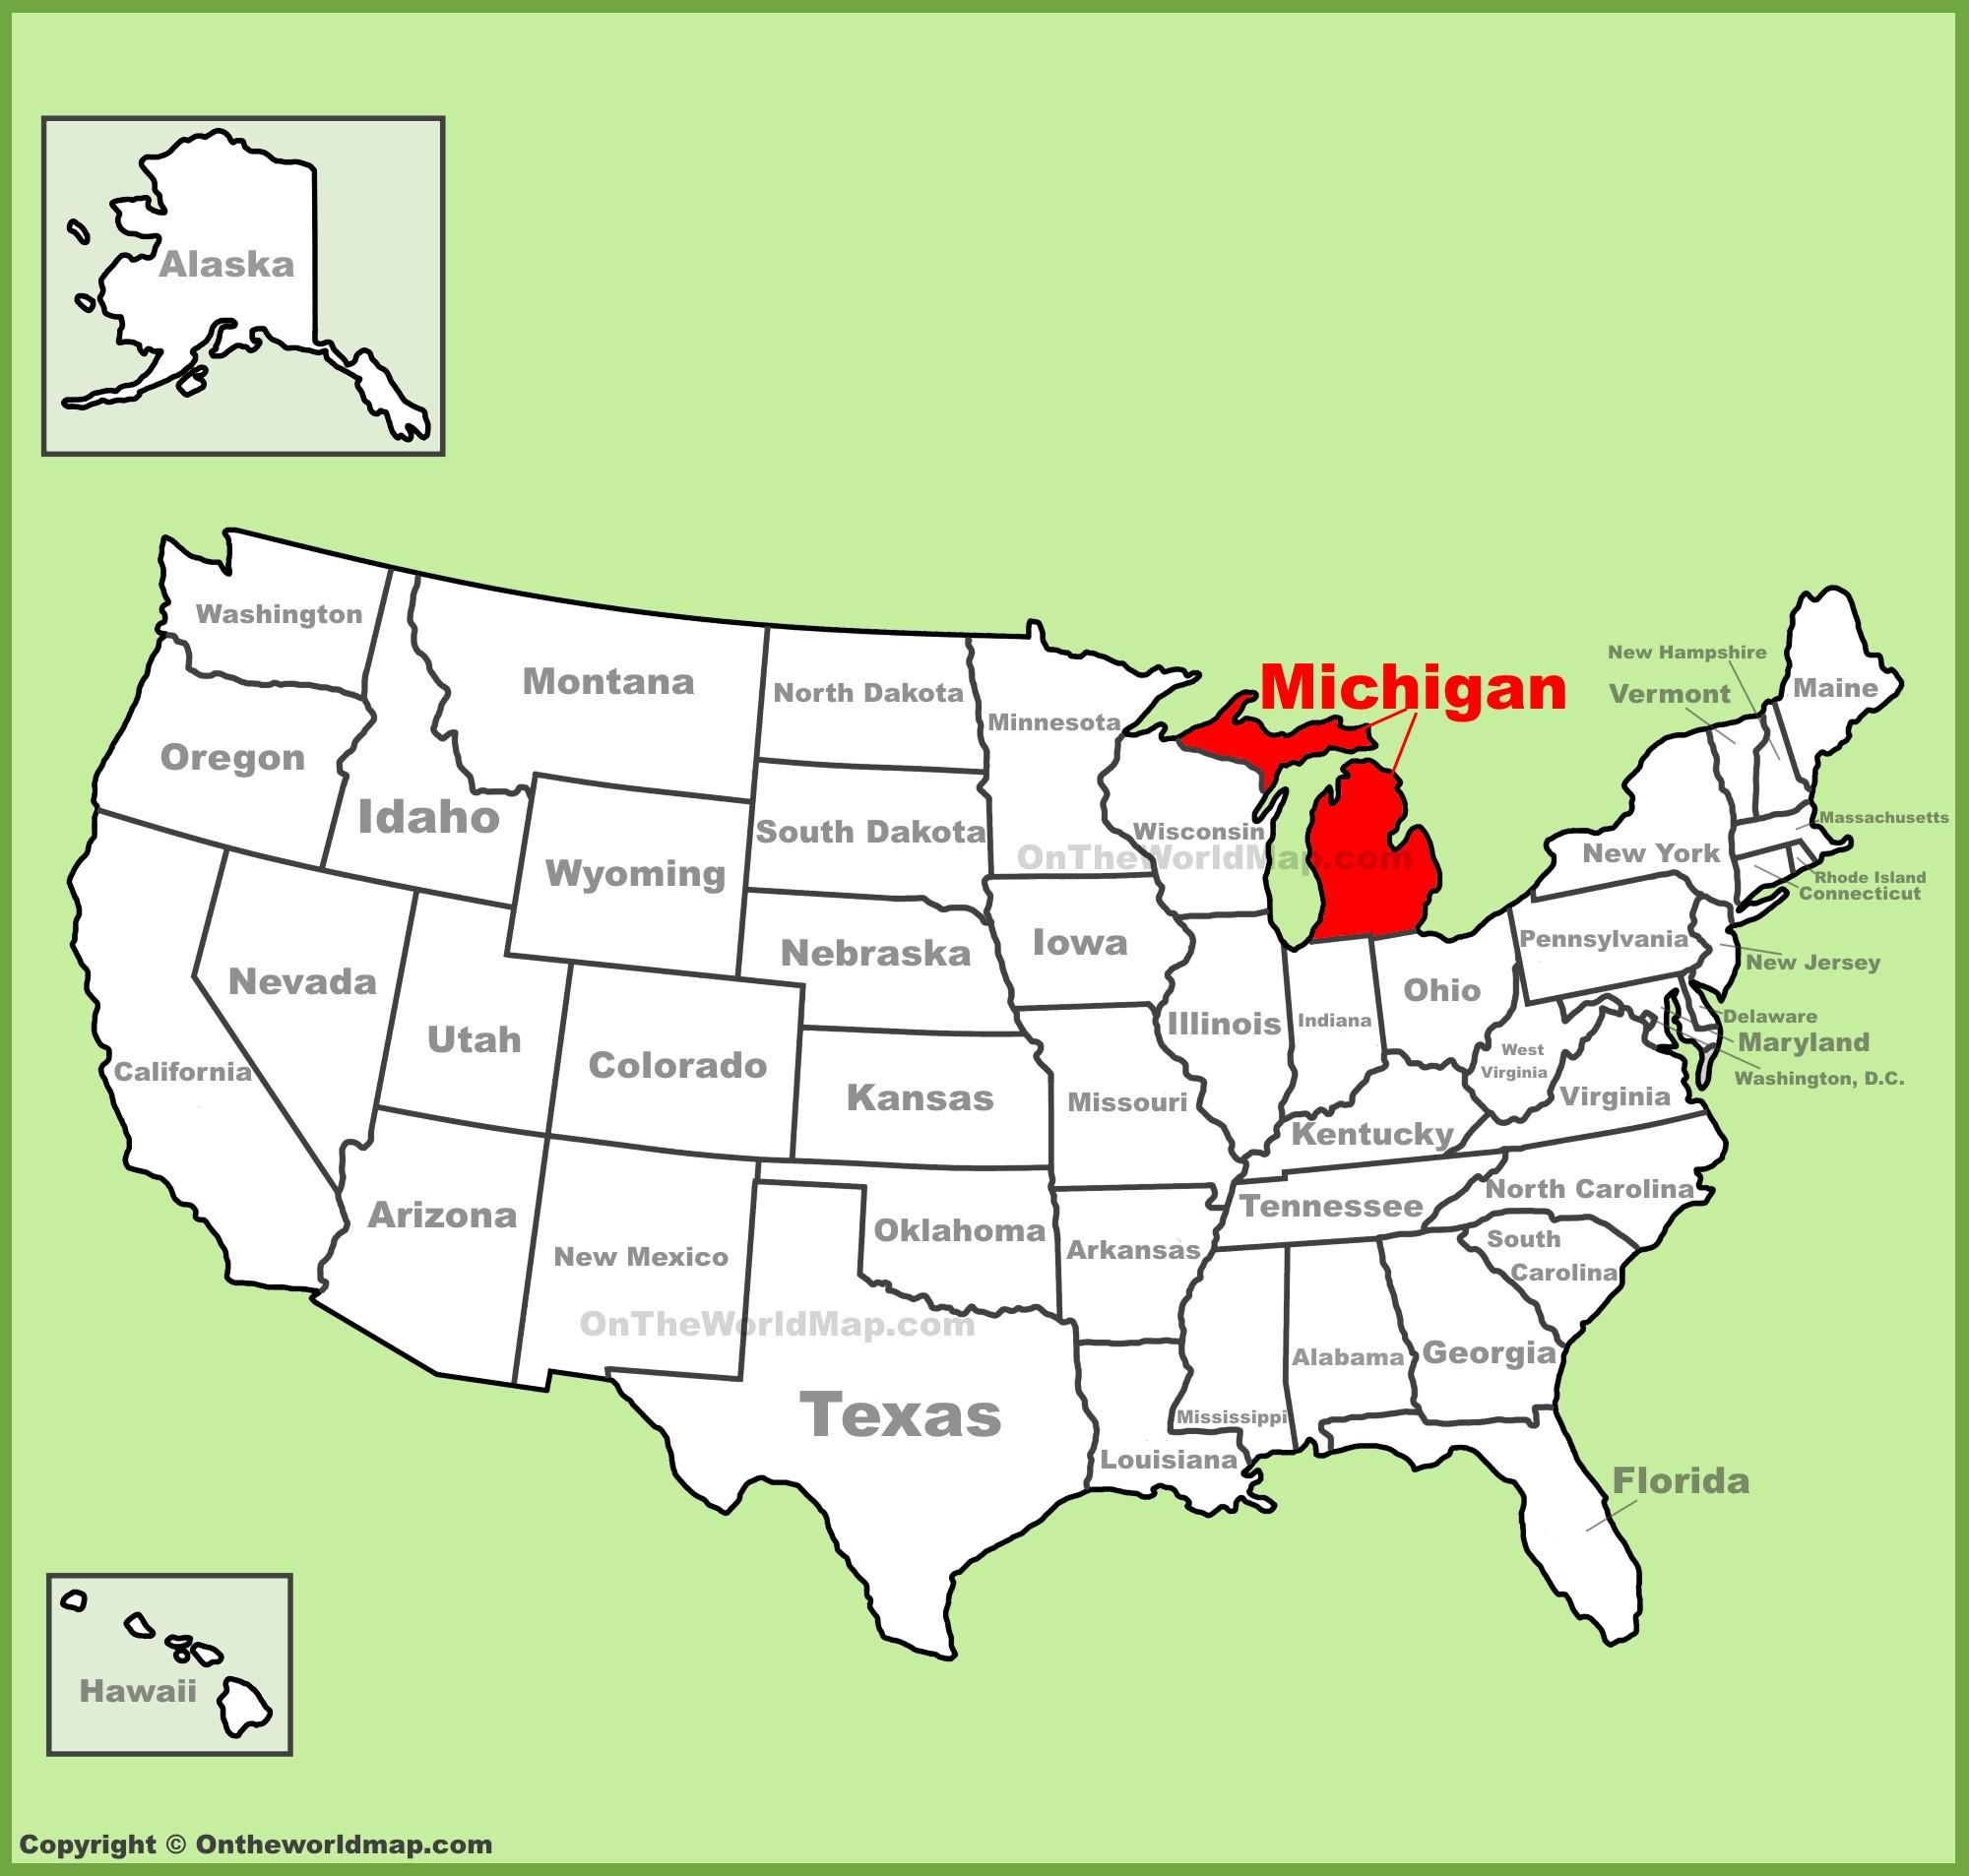 Google Maps Sacramento California New Owl And Mouse States And - Sacramento California Map